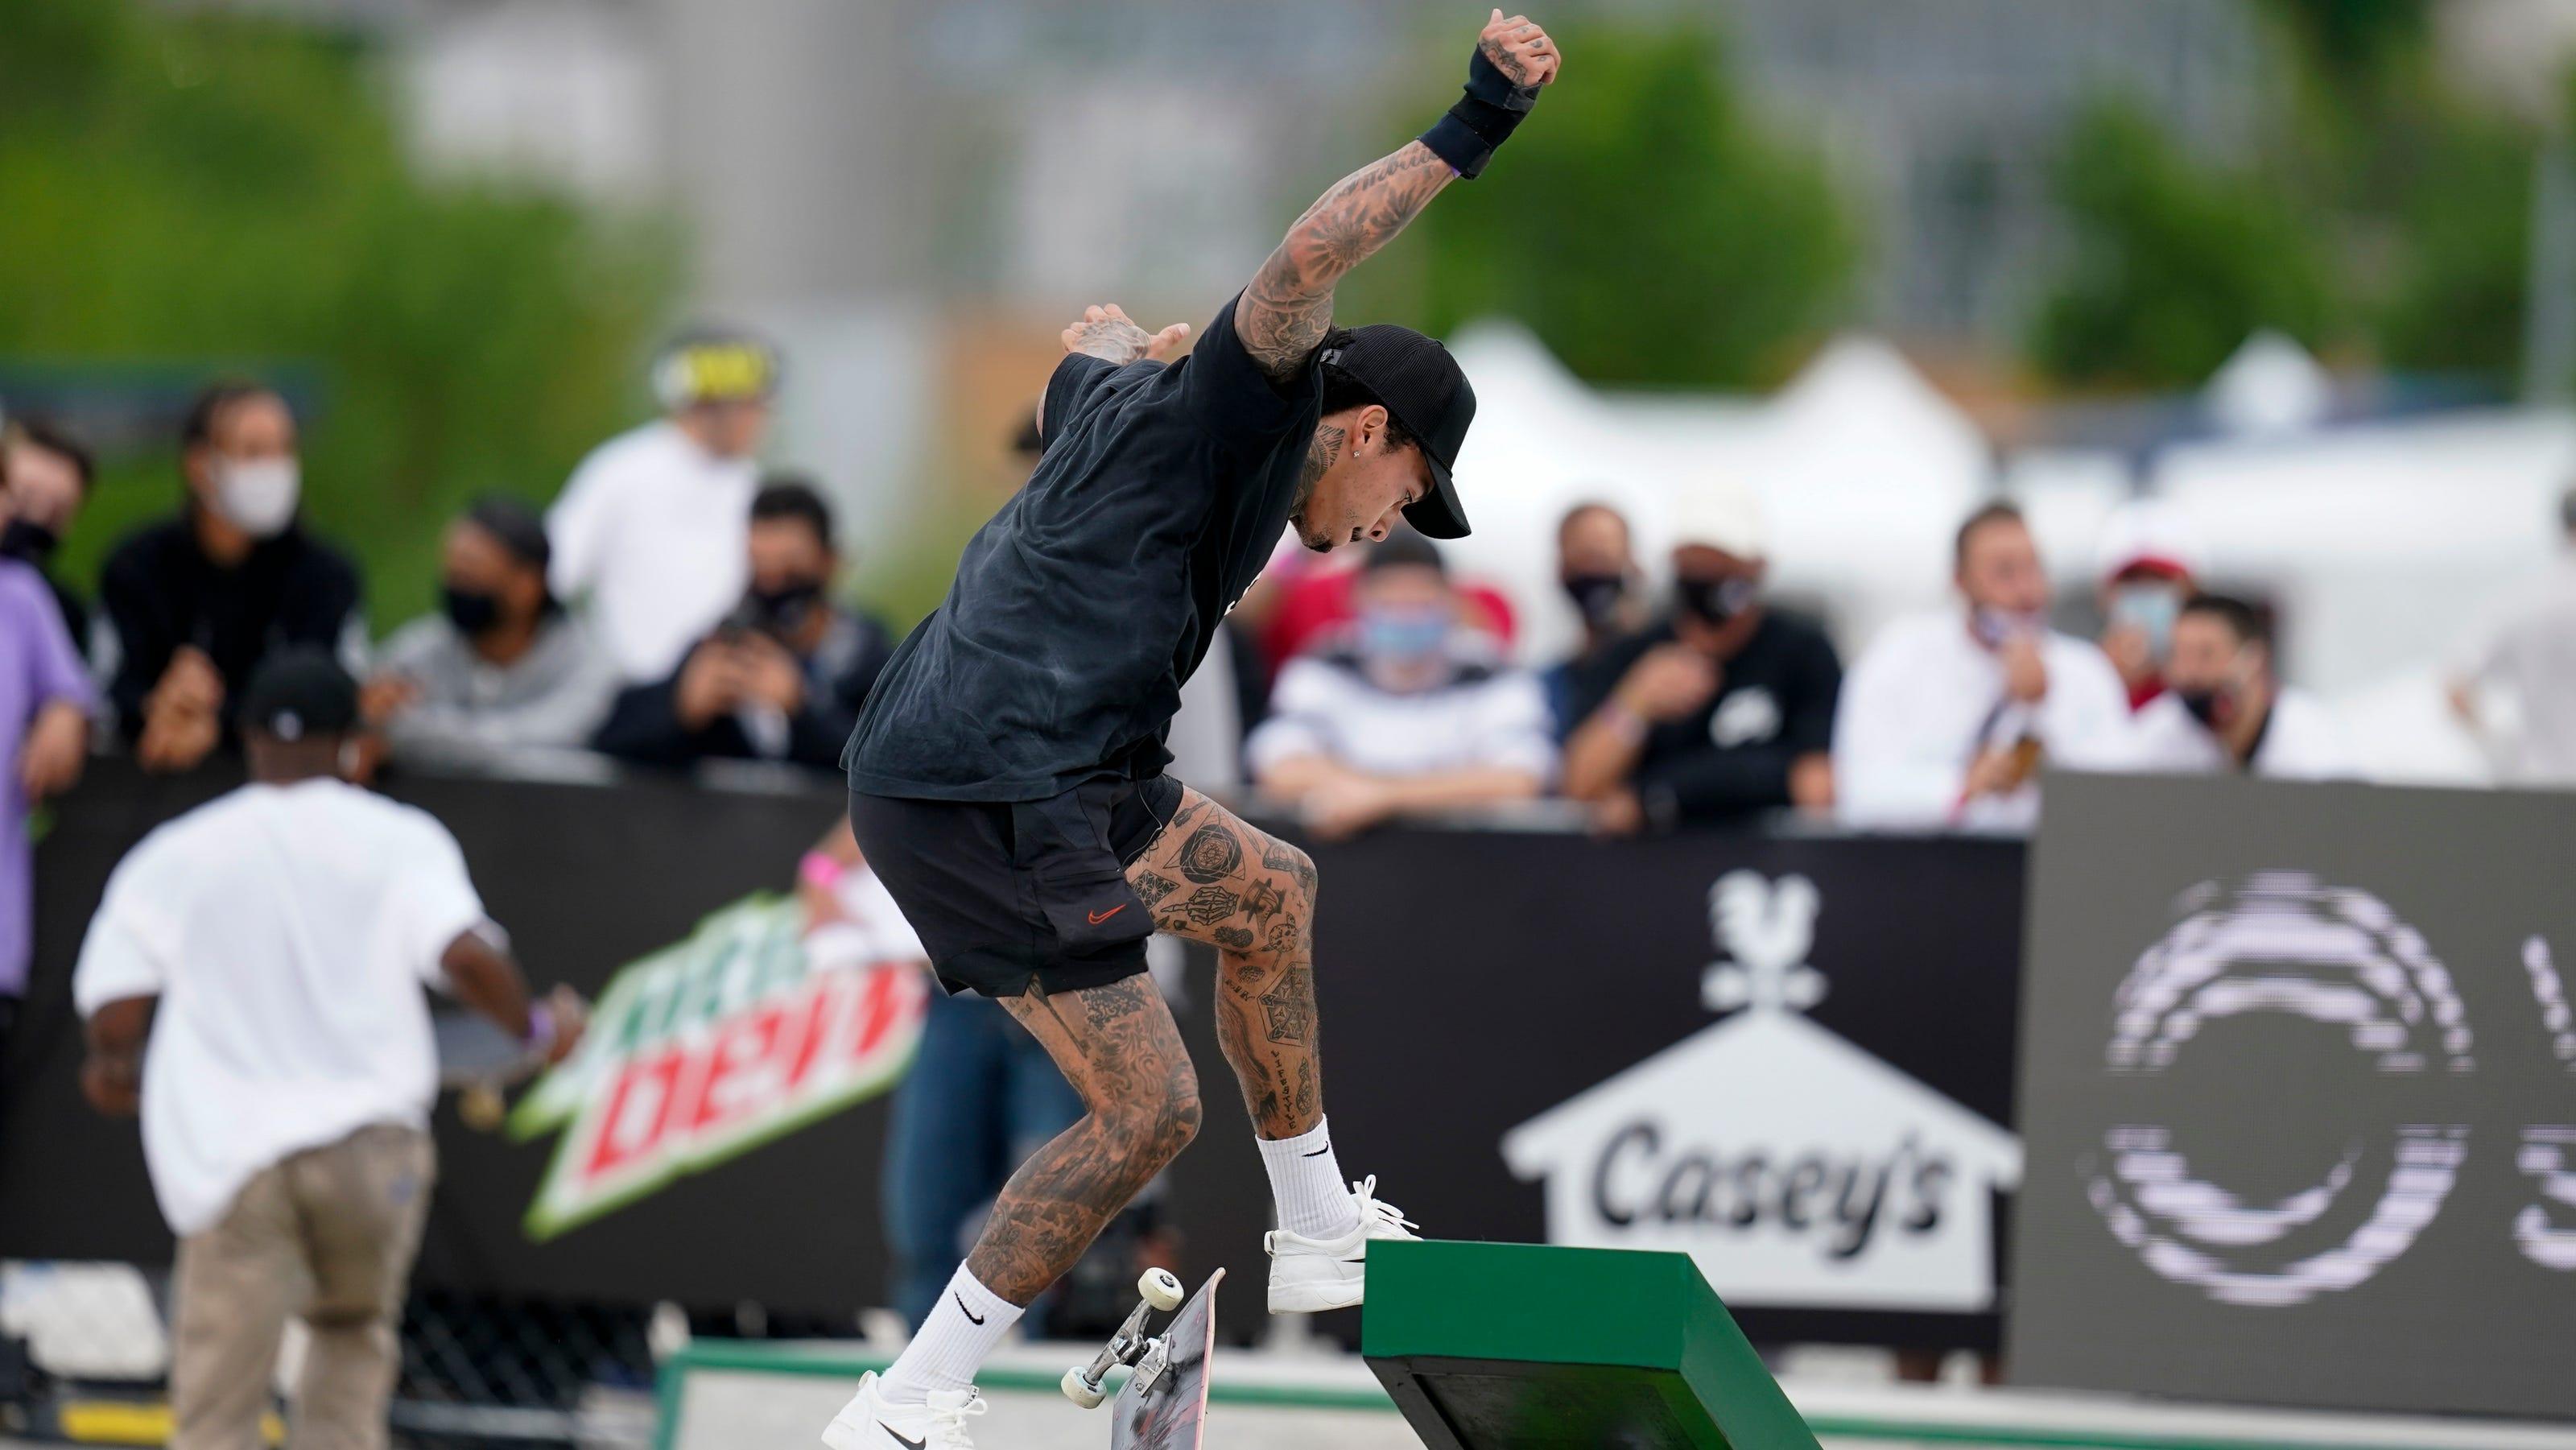 skateboarding olympics - photo #18